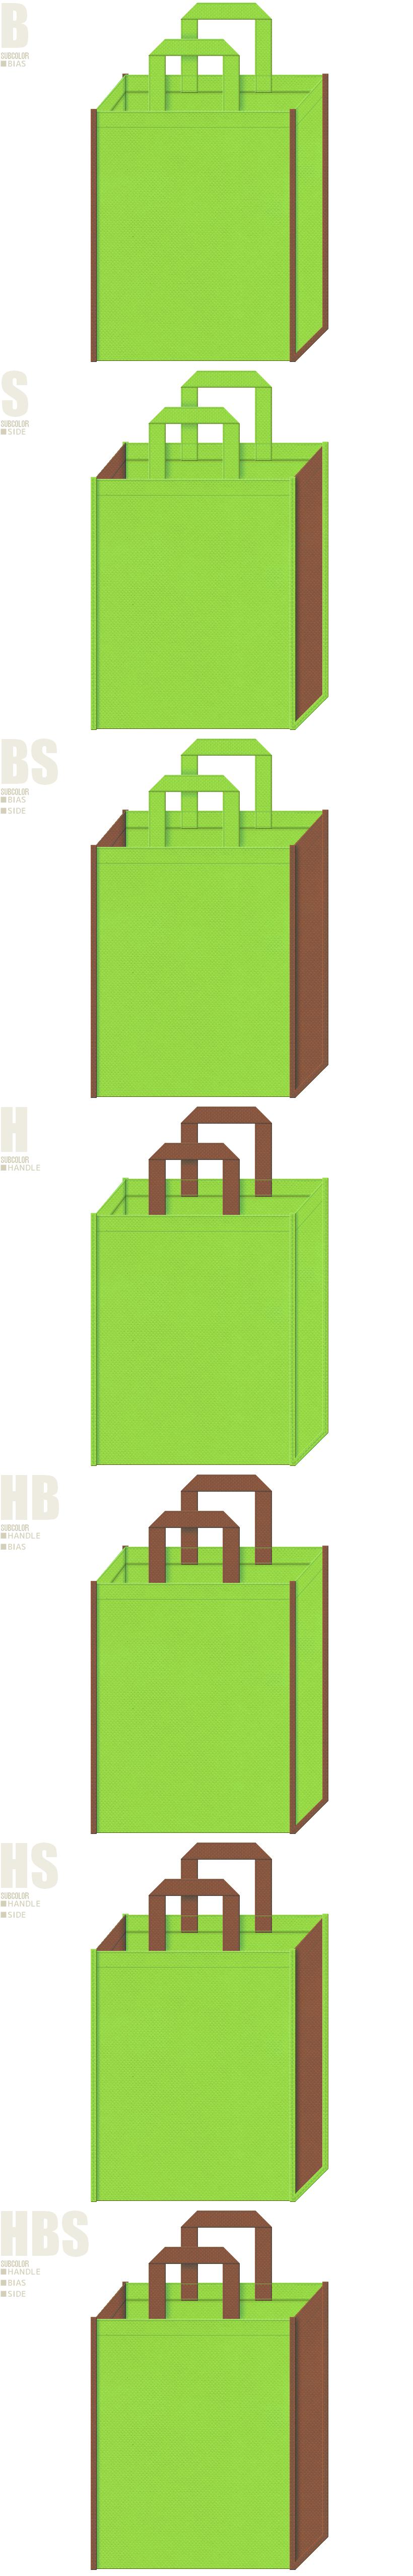 森・牧場・絵本・おとぎ話・種苗・園芸用品の展示会用バッグにお奨めの不織布バッグデザイン:黄緑色と茶色の不織布バッグ配色7パターン。